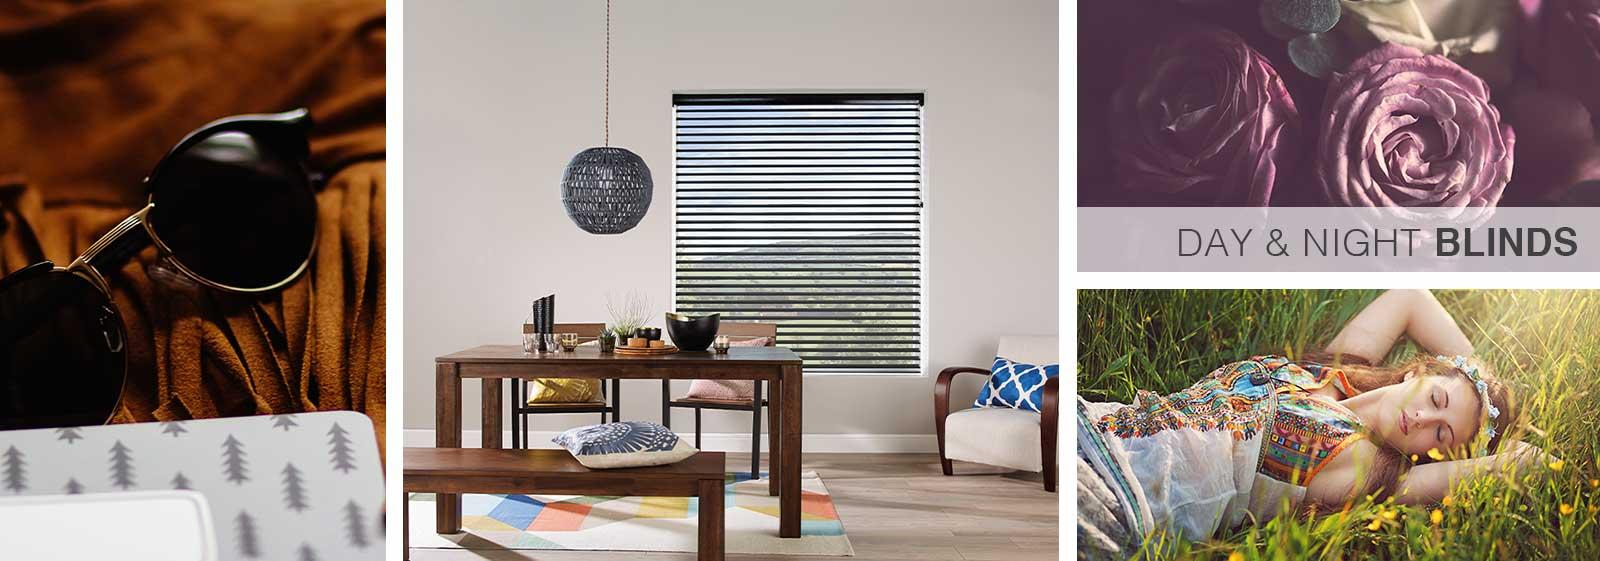 Visage Blinds, Visage Blinds, Blind Designs